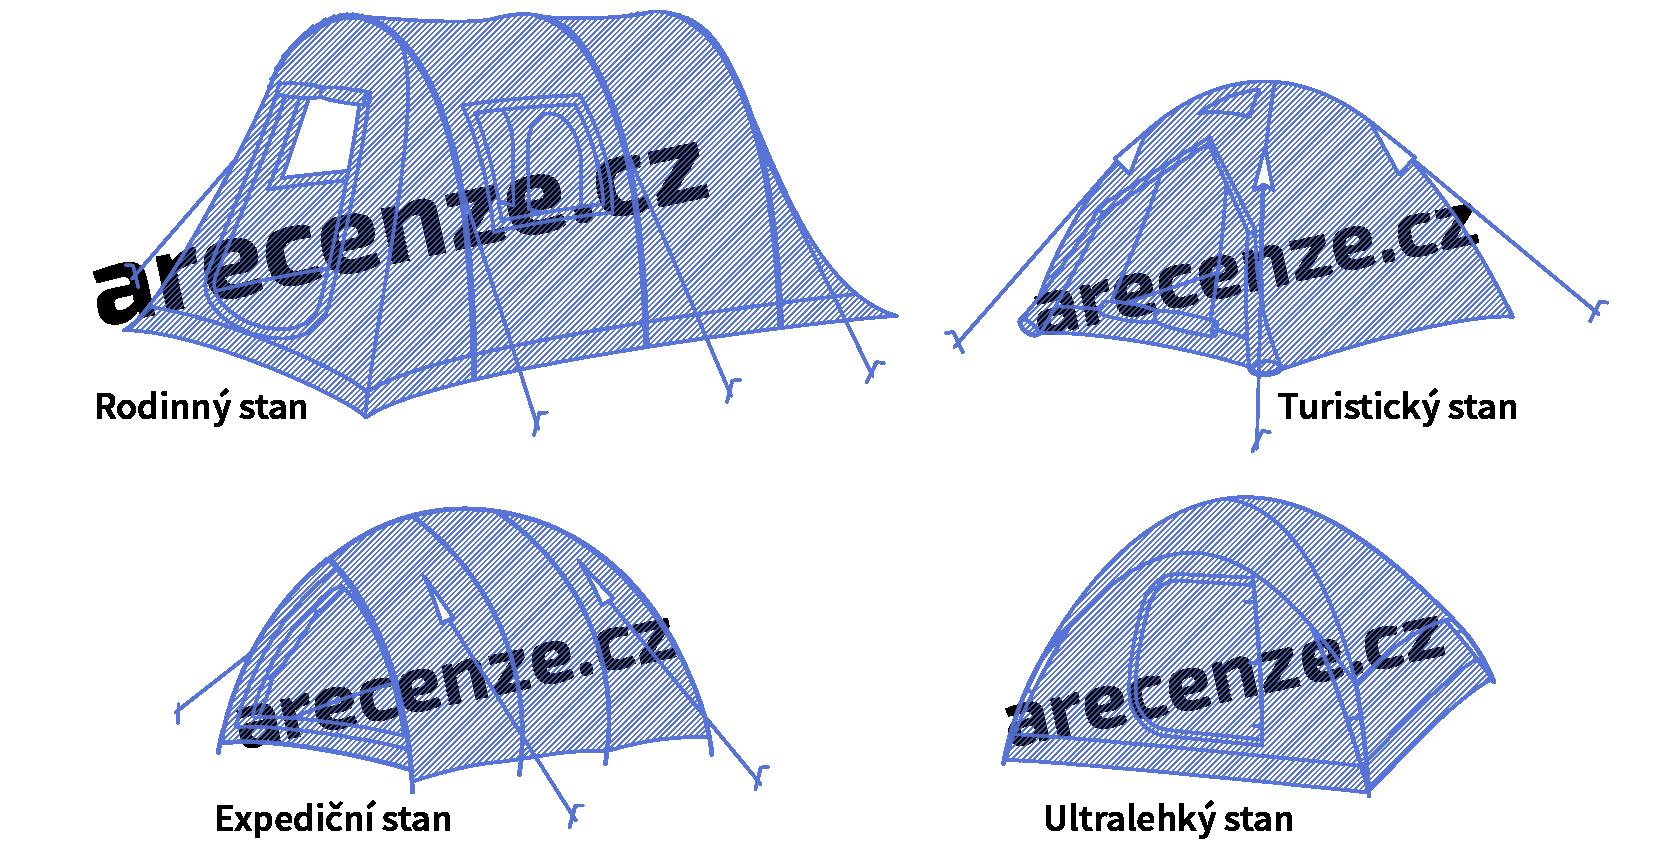 Ukážka rôznych typov stanov podľa využitia